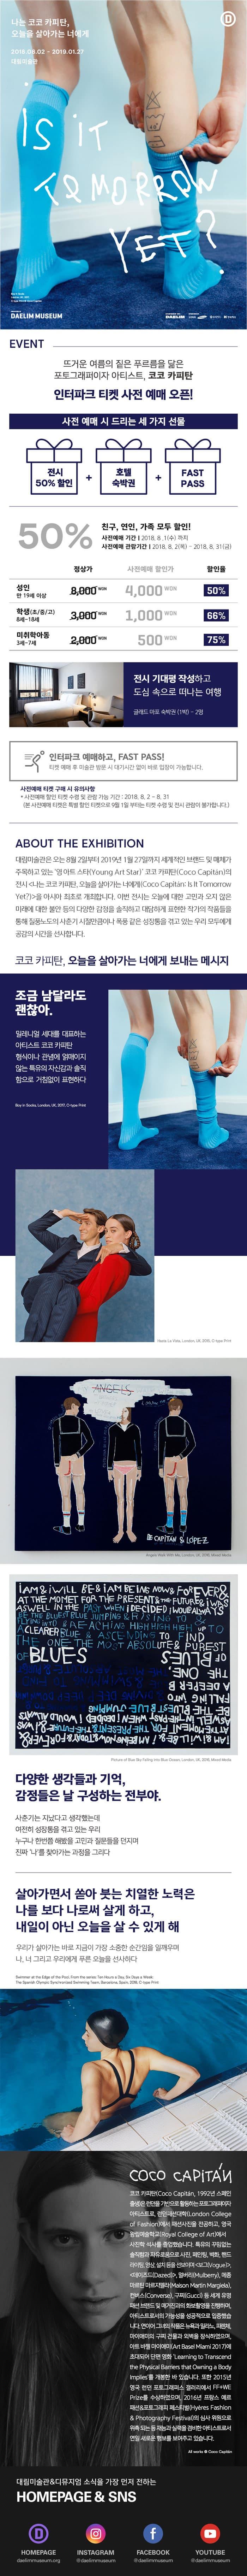 나는 코코 카피탄, 오늘을 살아가는 너에게 2018.08.02 - 2019.01.27 대림미술관 IS iT TAMORROW YET ? Boy in Socis London 200 C-type Print Coco Capitan DAELIM MUSEUM DAELIM 우리카드 대상 EVENT 뜨거운 여름의 짙은 푸르름을 닮은 포토그래퍼이자 아티스트, 코코 카피탄 인터파크 티켓 사전 예매 오픈! 사전 예매 시 드리는 세 가지 선물 AAA 전시 50% 할인 | 호텔 숙박권 FAST PASS 50% 친구, 연인, 가족 모두 할인! 사전예매 기간 | 2018. 8.1(수) 까지 사전예매 관람기간 | 2018. 8. 2(목) ~ 2018. 8. 31(금) 정상가 사전예매 할인가 할인율 성인 만 19세 이상 50% | 8,000m 4,000 WON 학생(초/중/고) 3,000won 1,000 WON 66% 8세~18세 미취학아동 3세~7세 | 2,000 500 WON 75% 전시 기대평 작성하고 도심 속으로 떠나는 여행 글래드 마포 숙박권 (1박) - 2명 = 인터파크 예매하고, FAST PASS! 티켓 예매 후 미술관 방문 시 대기시간 없이 바로 입장이 가능합니다. 사전예매 티켓 구매 시 유의사항 * 사전예매 할인 티켓 수령 및 관람 가능 기간 : 2018. 8. 2 - 8. 31 (본 사전예매 티켓은 특별 할인 티켓으로 9월 1일 부터는 티켓 수령 및 전시 관람이 불가합니다.) ABOUT THE EXHIBITION 대림미술관은 오는 8월 2일부터 2019년 1월 27일까지 세계적인 브랜드 및 매체가 주목하고 있는 영아트 스타(Young Art Star)코코 카피탄(Coco Capitan)의 전시 나는 코코 카피탄, 오늘을 살아가는 너에게(Coco Capitan: Is It Tomorrow Yet?)을 아시아 최초로 개최합니다. 이번 전시는 오늘에 대한 고민과 오지 않은 미래에 대한 불안 등의 다양한 감정을 솔직하고 대담하게 표현한 작가의 작품들을 통해 질풍노도의 사춘기 시절만큼이나 폭풍 같은 성장통을 겪고 있는 우리 모두에게 공감의 시간을 선사합니다. 코코 카피탄, 오늘을 살아가는 너에게 보내는 메시지 조금 남달라도 괜찮아. 밀레니얼 세대를 대표하는 아티스트 코코 카피탄 형식이나 관념에 얽매이지 않는 특유의 자신감과 솔직 함으로 거침없이 표현하다 Boy in Socks, London, UK, 2017. C-type Print | Hasta La Vista, London, UK, 2015. C-type Print PY ANGELS WAL MY BROTHERS HER ARLDO Sae COCOLINA DE LAS MERC GUILLERMO ALS E CAPITAN  LOPEE Angels Walk With Me, London, UK, 2016, Mixed Media IAM  iMiLL BE  iAM BEING NOW FORDEPOI AT THE MOMET FOR THE PRESENTS THE FUTURER, ASWELL IN THE PAST WHEN I DECIDED WOULD ALWAYS DE THE BLUEST BLUE JUMPING RISING TO FLYING INTO  REACHING HIGH HIGH HIGH UP TO L ACLEARER BLUE  ASCENDING TO FIND THE ONE THE MOST ABSOLUTE  PUREST OF BLUES | SANTH 0 And Too as LIN AH ANO CN- 01 IN AN 50 Ana Yama M IN NMOO A CAL NANA ON INT 10.00 ENHANNA Annisine THE A SAN INOAL (GON! NAHN ISHARLINI MSA SAICALE SAL SINASAYAH YOU LINANUAL MARNOLRAONENER AN ! 89 TIMIR UN Picture of Blue Sky Falling into Blue Ocean, London, UK, 2016, Mixed Media 다양한 생각들과 기억, 감정들은 날 구성하는 전부야. 